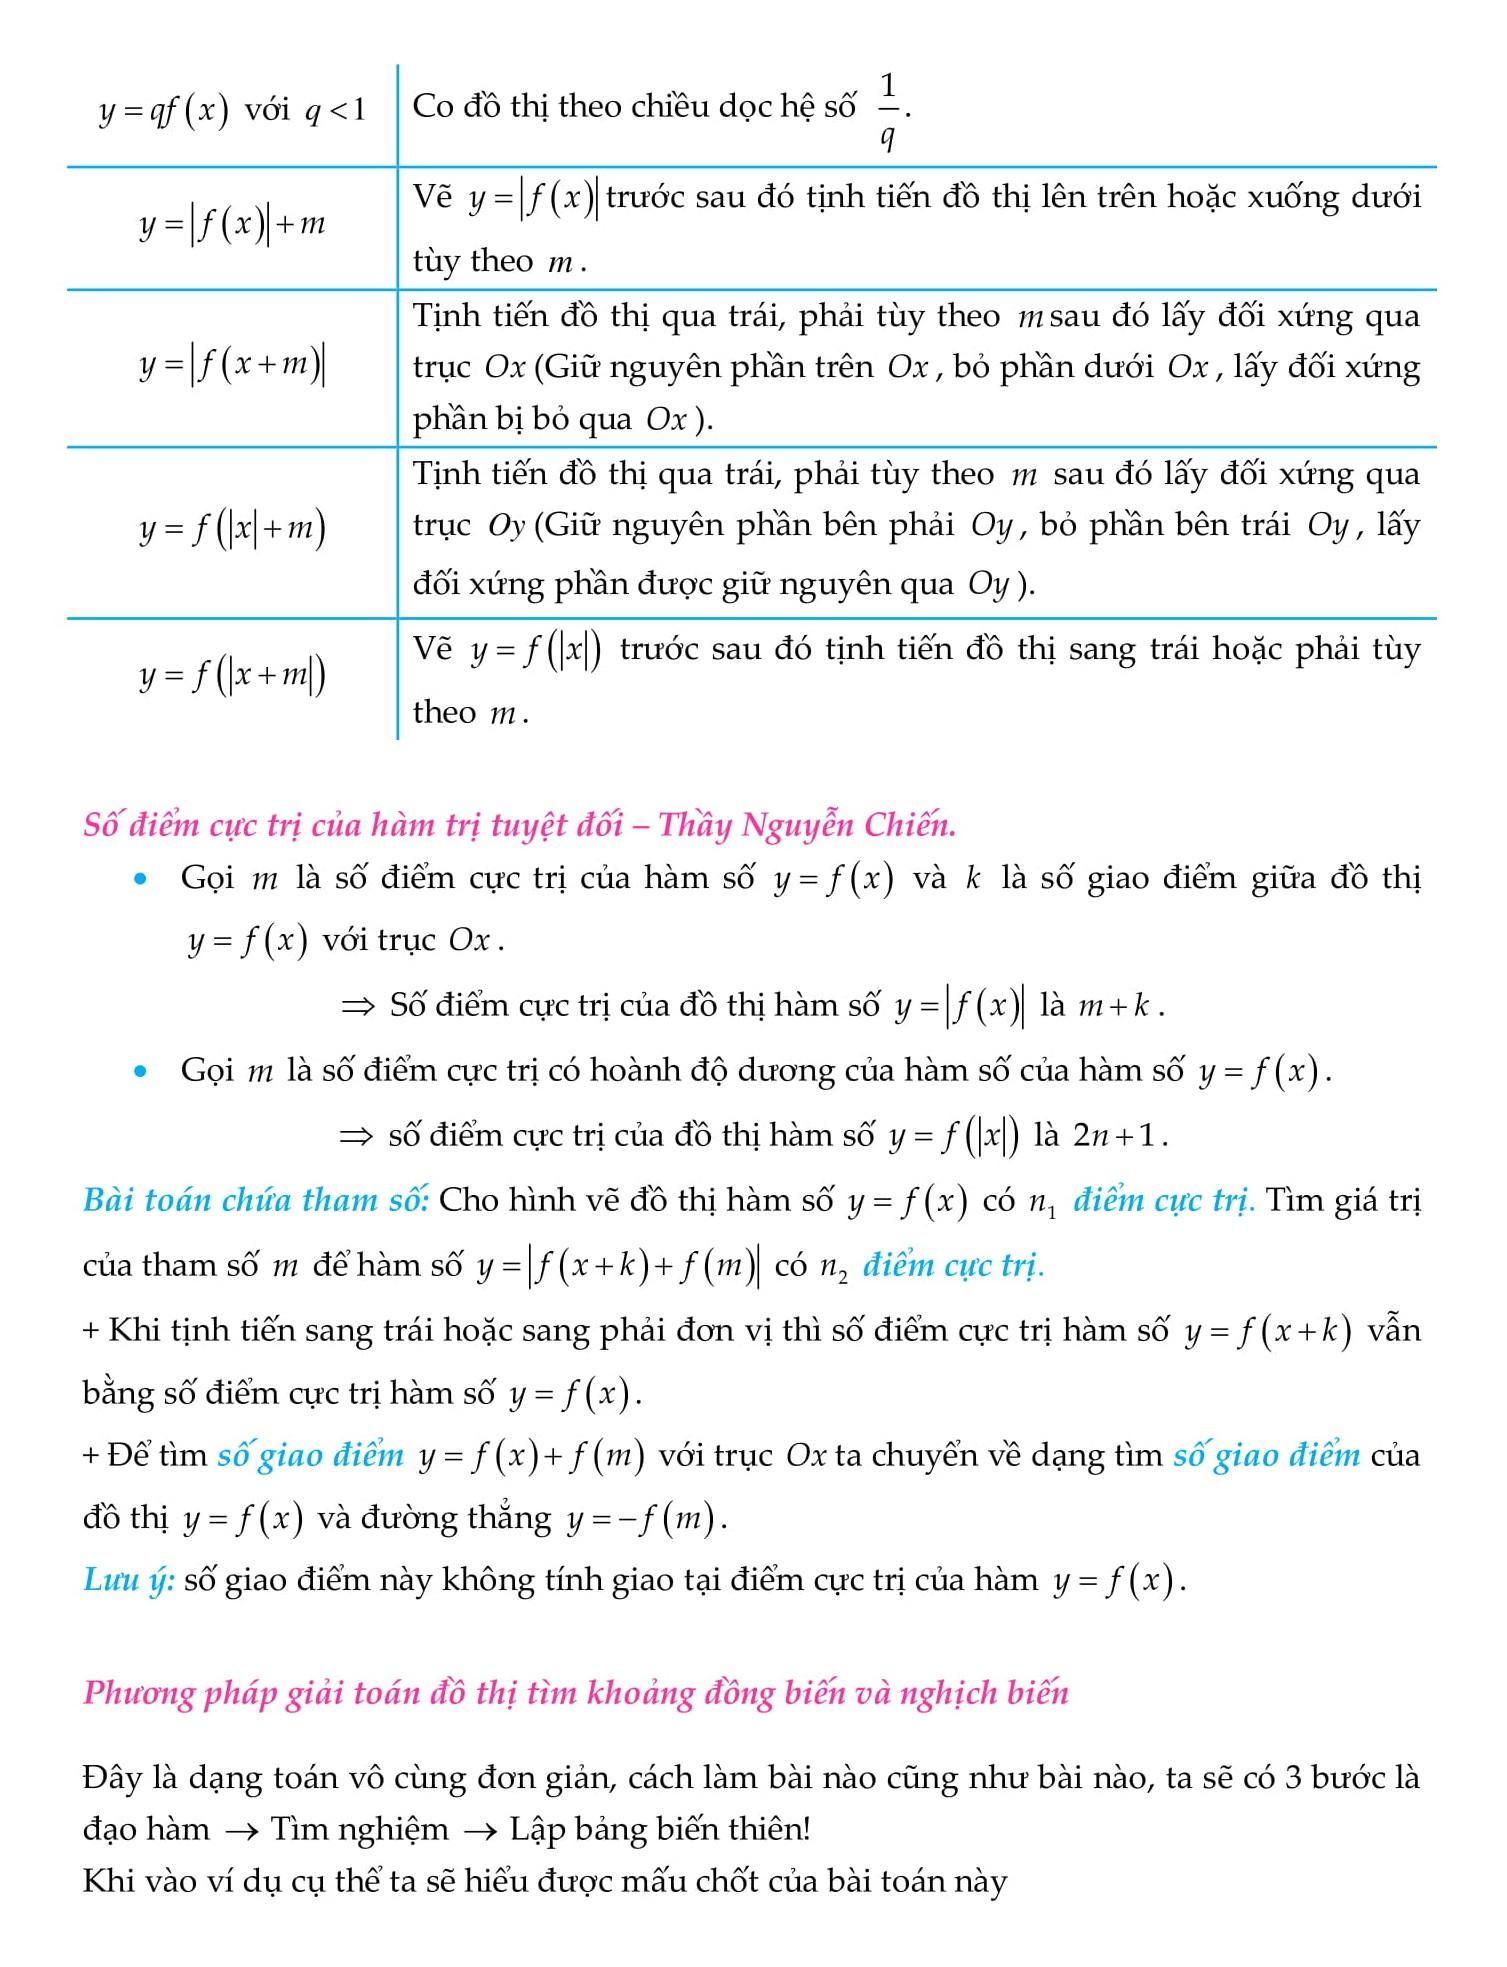 Chuyên đề Toán 12 Phương pháp giải toán bằng đồ thị